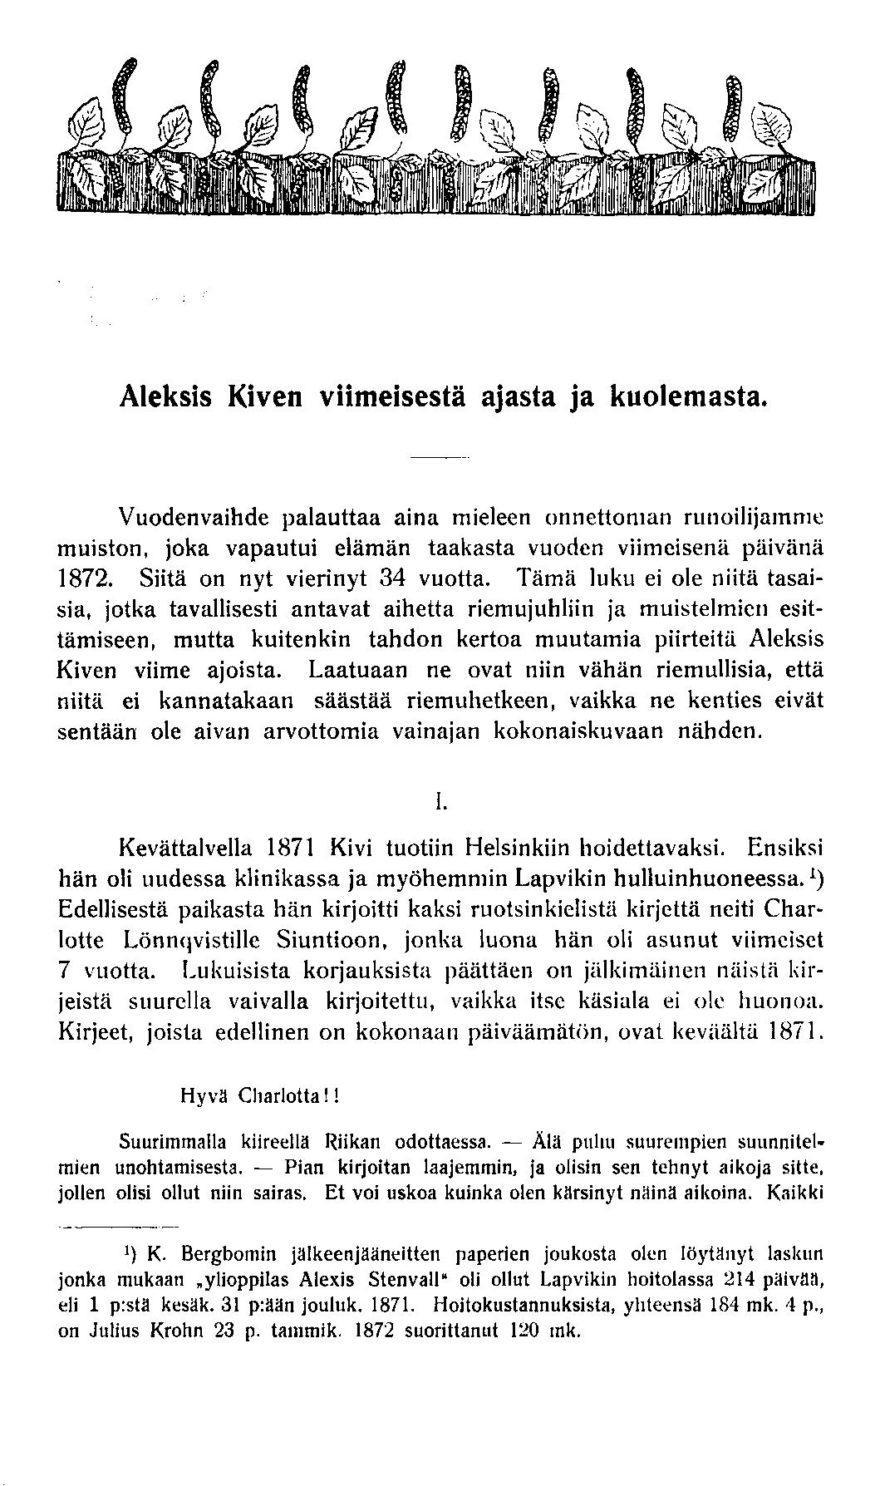 """Eliel Aspelin-Haapkylän kirjoitus """"Aleksis Kiven viimeisestä ajasta ja kuolemasta"""""""